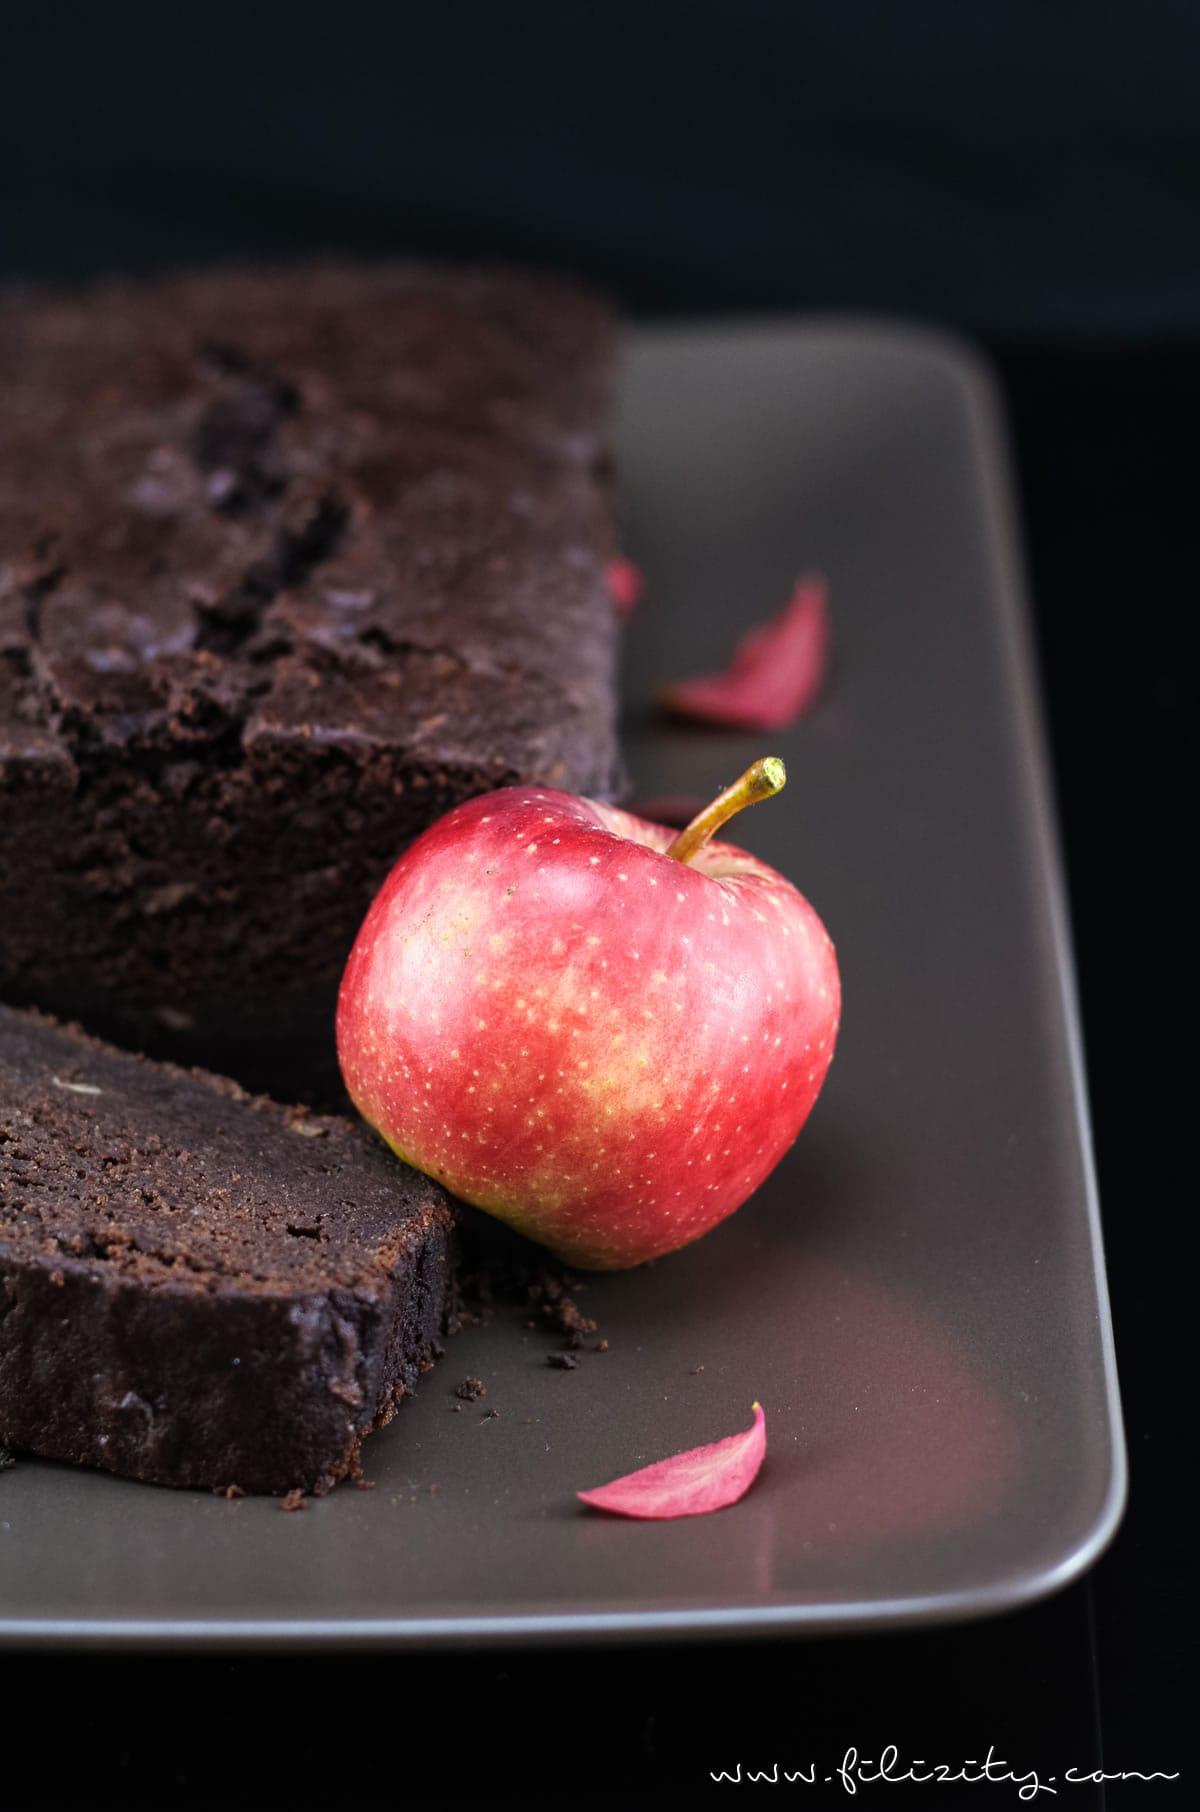 Herbst-Rezept: Saftiger Apfel-Brownie-Kuchen | extra saftig und schokoladig #herbst #apfel #brownie